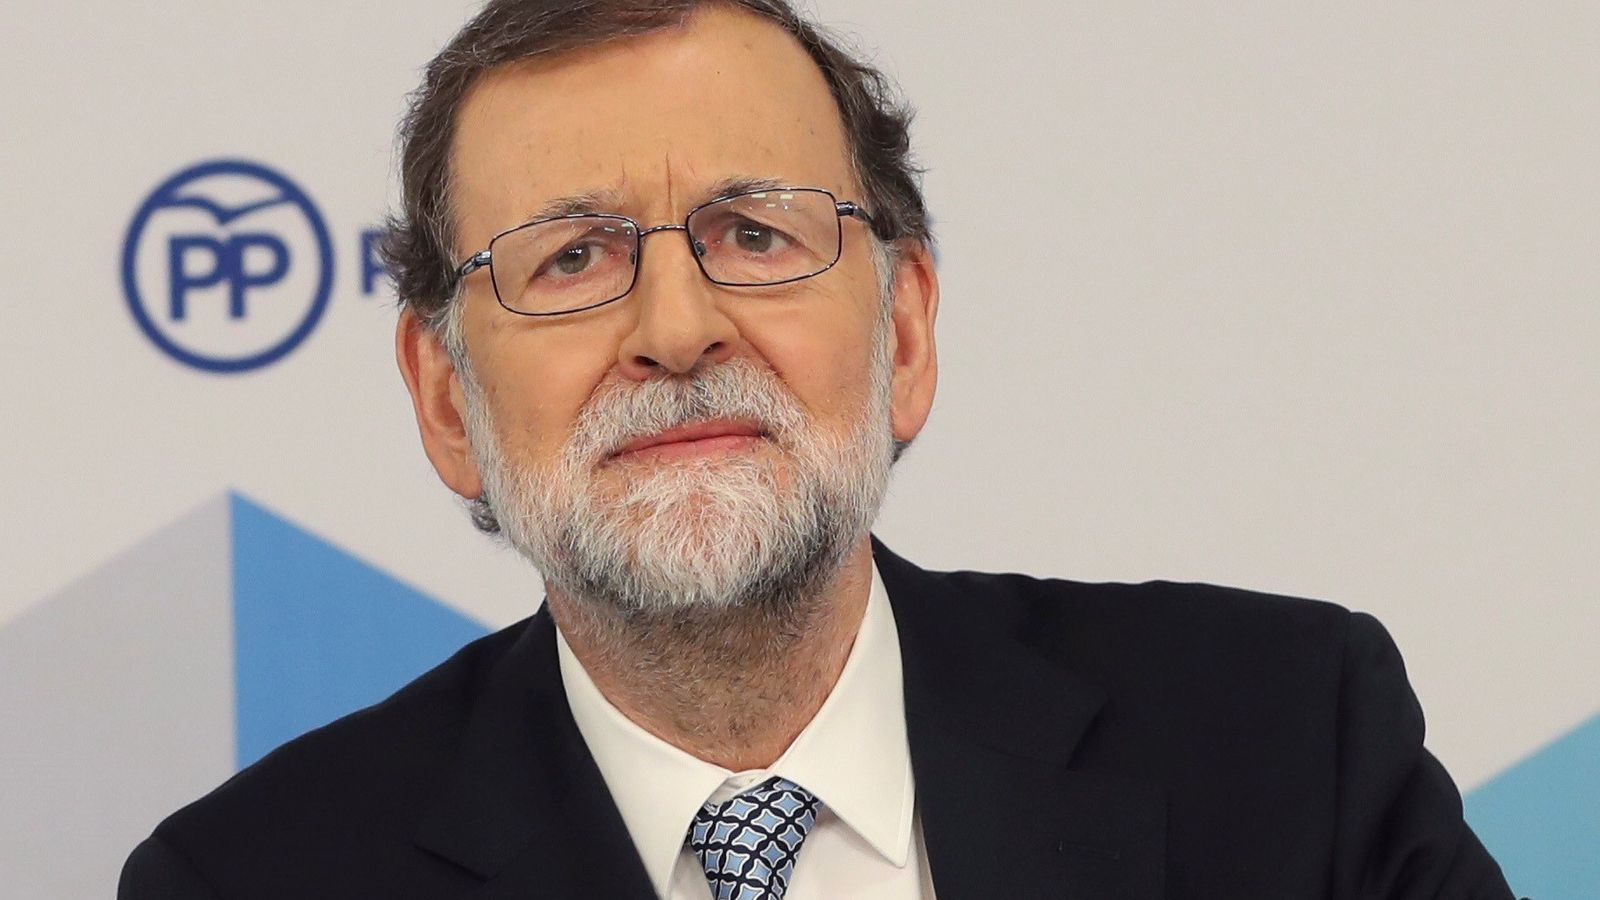 Rajoy durant la reunió del Comitè Nacional del PP aquest dimarts